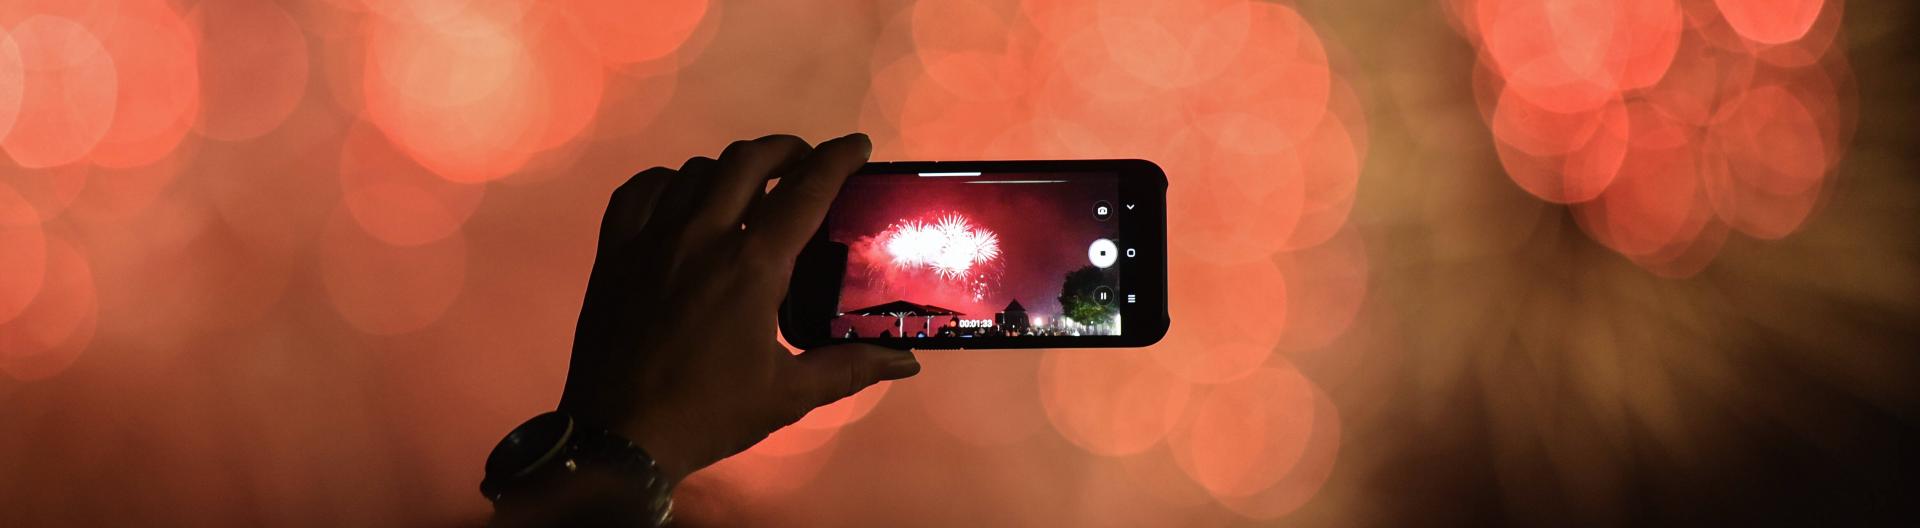 Feuerwerk auf einem Smartphonebildschirm, im Hintergrund verschwommene Lichter